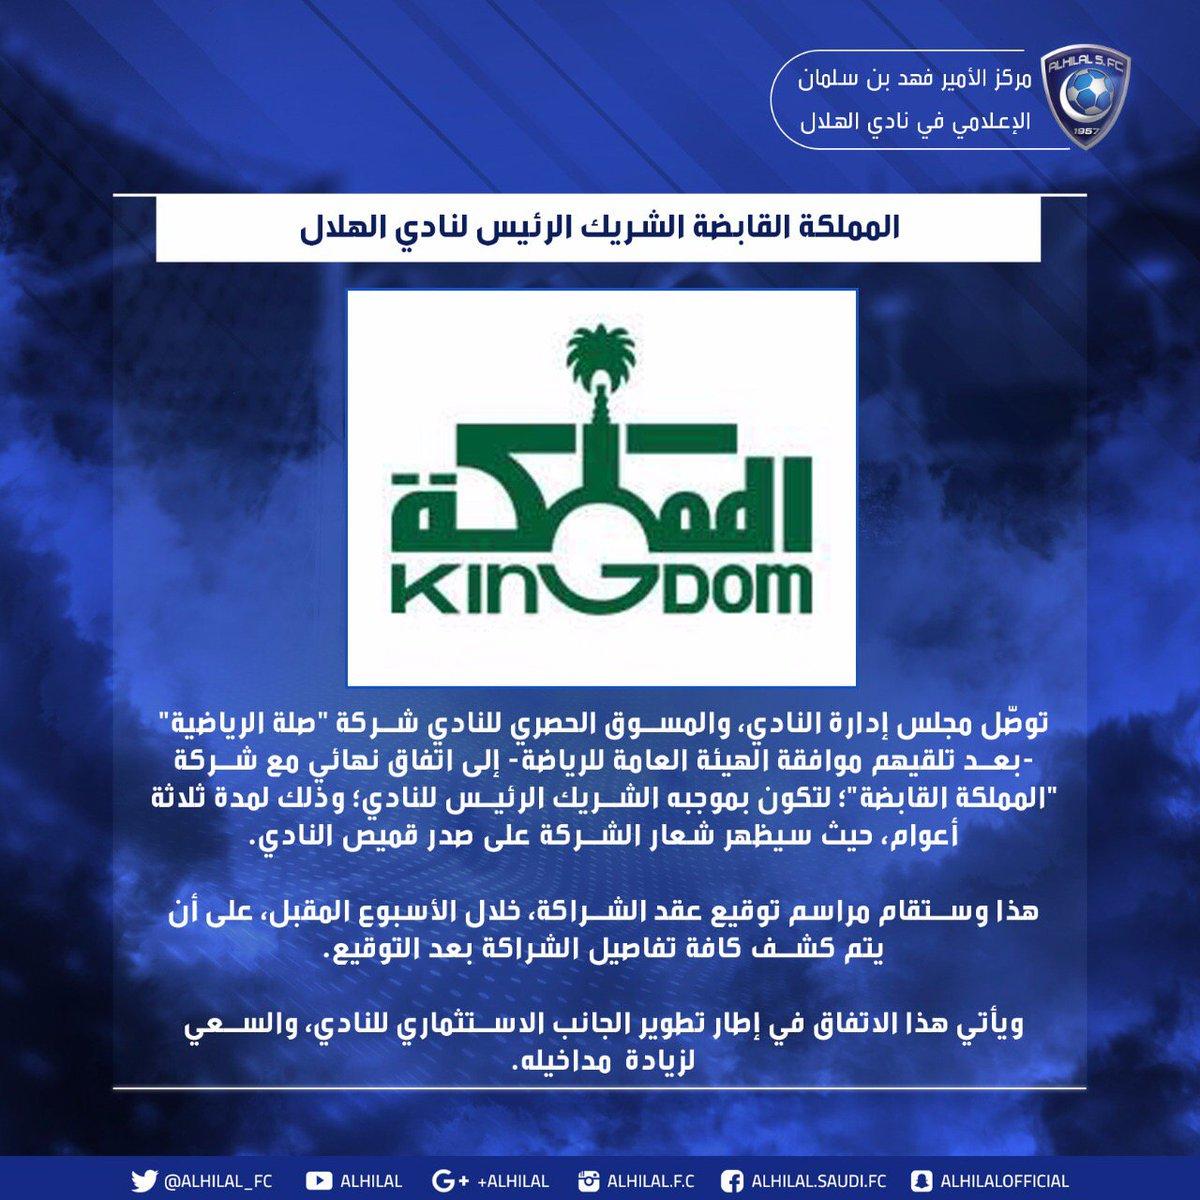 المملكة القابضة شريك رئيسي لنادي الهلال...